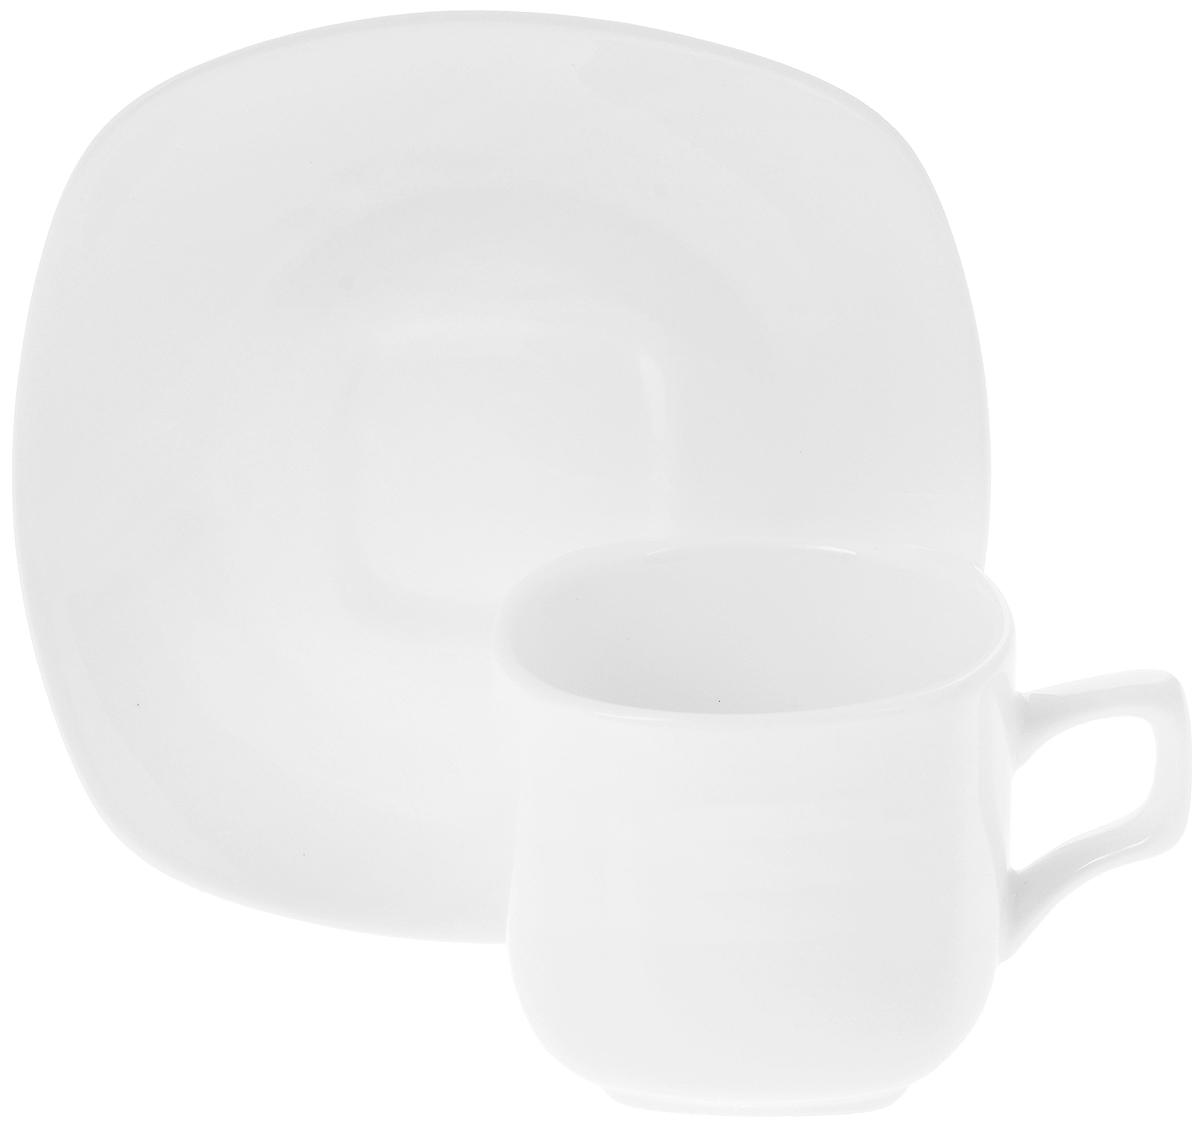 Чайная пара Wilmax, 2 предмета. WL-993003VT-1520(SR)Чайная пара Wilmax состоит из чашки и блюдца, выполненных из высококачественного фарфора и оформленных в классическом стиле. Оригинальный дизайн обязательно придется вам по вкусу. Чайная пара Wilmax украсит ваш кухонный стол, а также станет замечательным подарком к любому празднику.Объем чашки: 200 мл.Диаметр чашки (по верхнему краю): 7,5 см.Диаметр основания чашки: 4,5 см.Высота чашки: 7 см.Диаметр блюдца: 15 см.